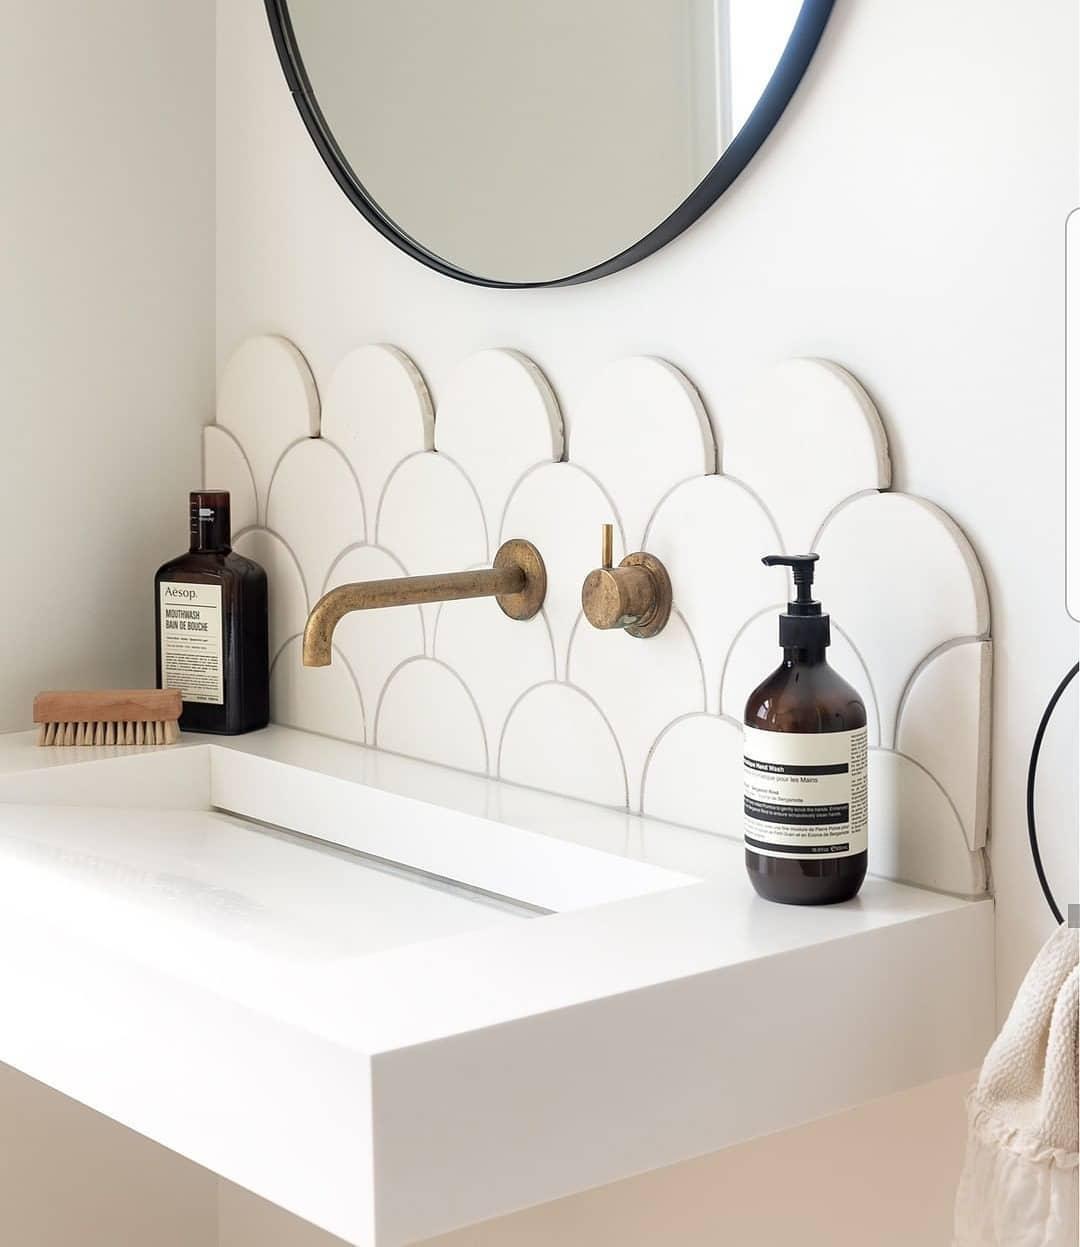 Deshazte de los productos que ya no usas o caducados en tu baño